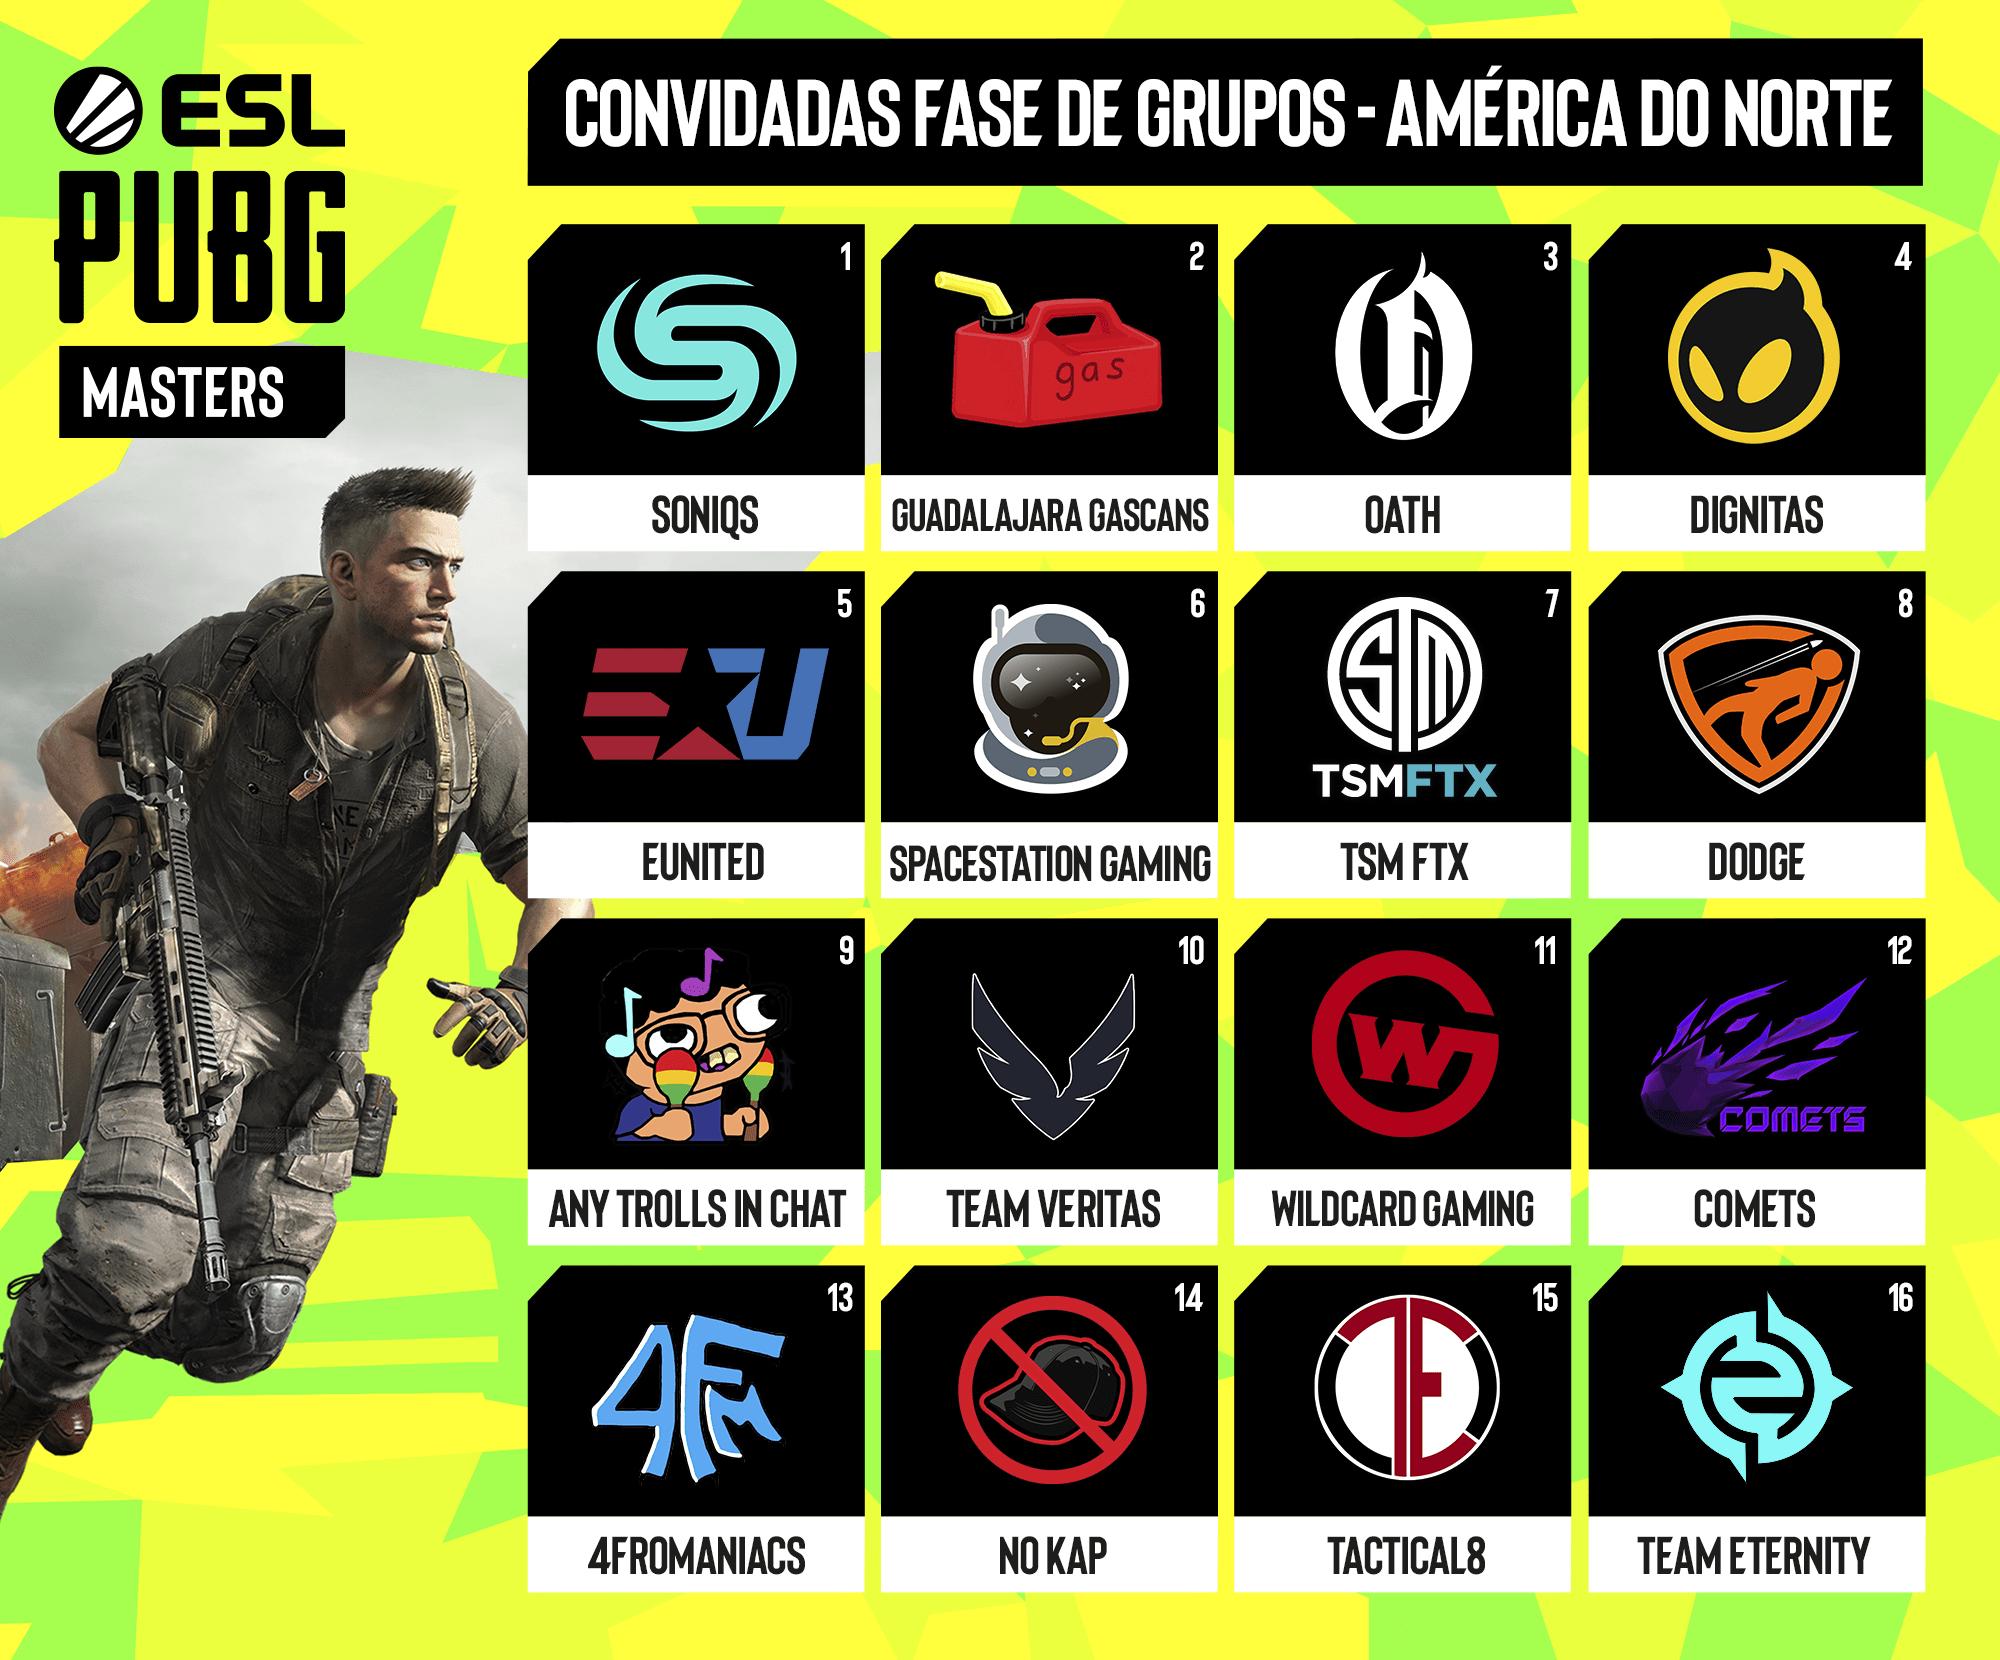 Lista das equipes convidadas da América do Norte para a Fase de Grupos da ESL PUBG Masters: Fase 2 das Américas